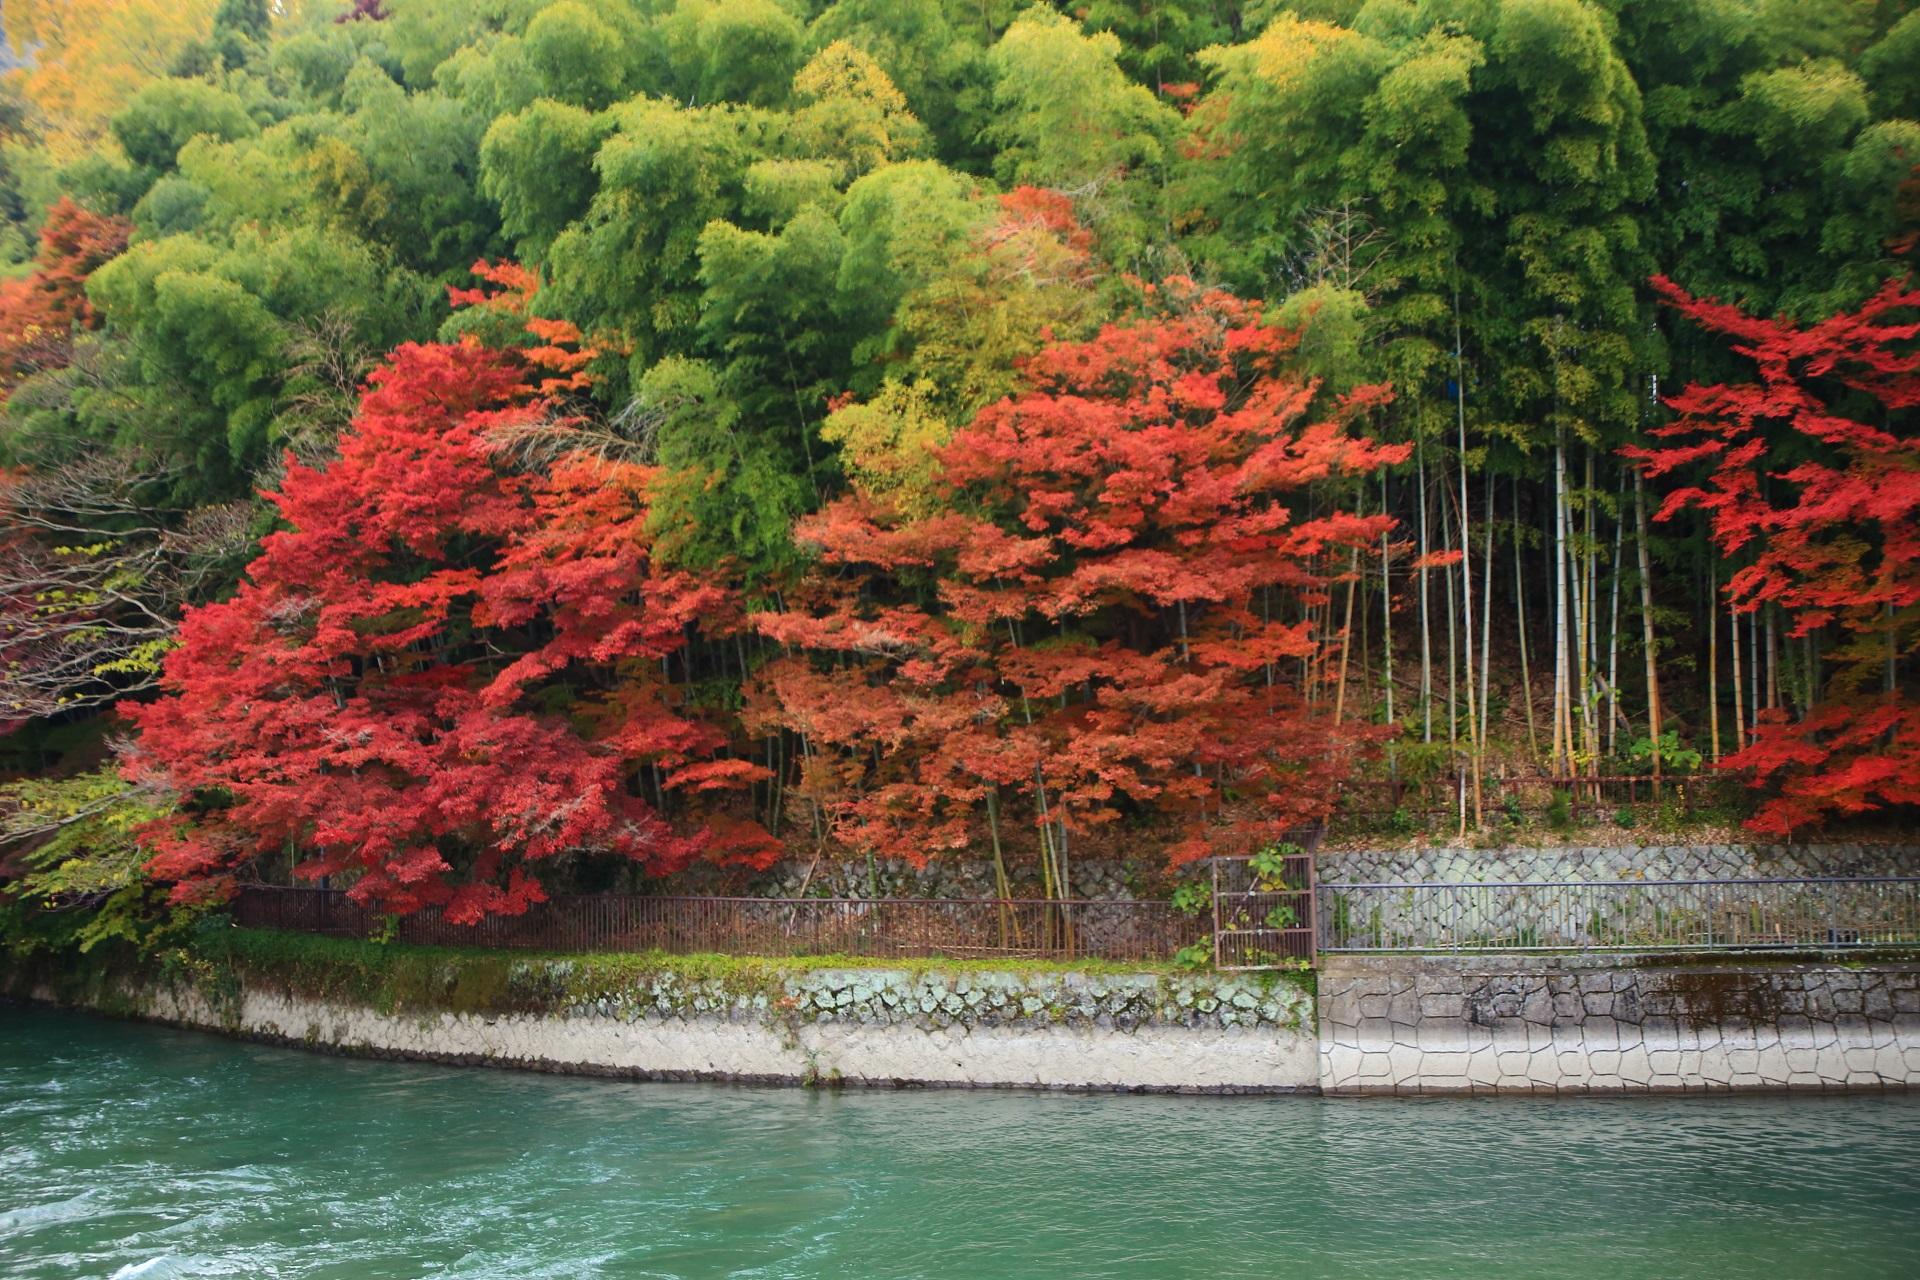 宇治川の竹とコラボした色とりどりの艶やかな紅葉